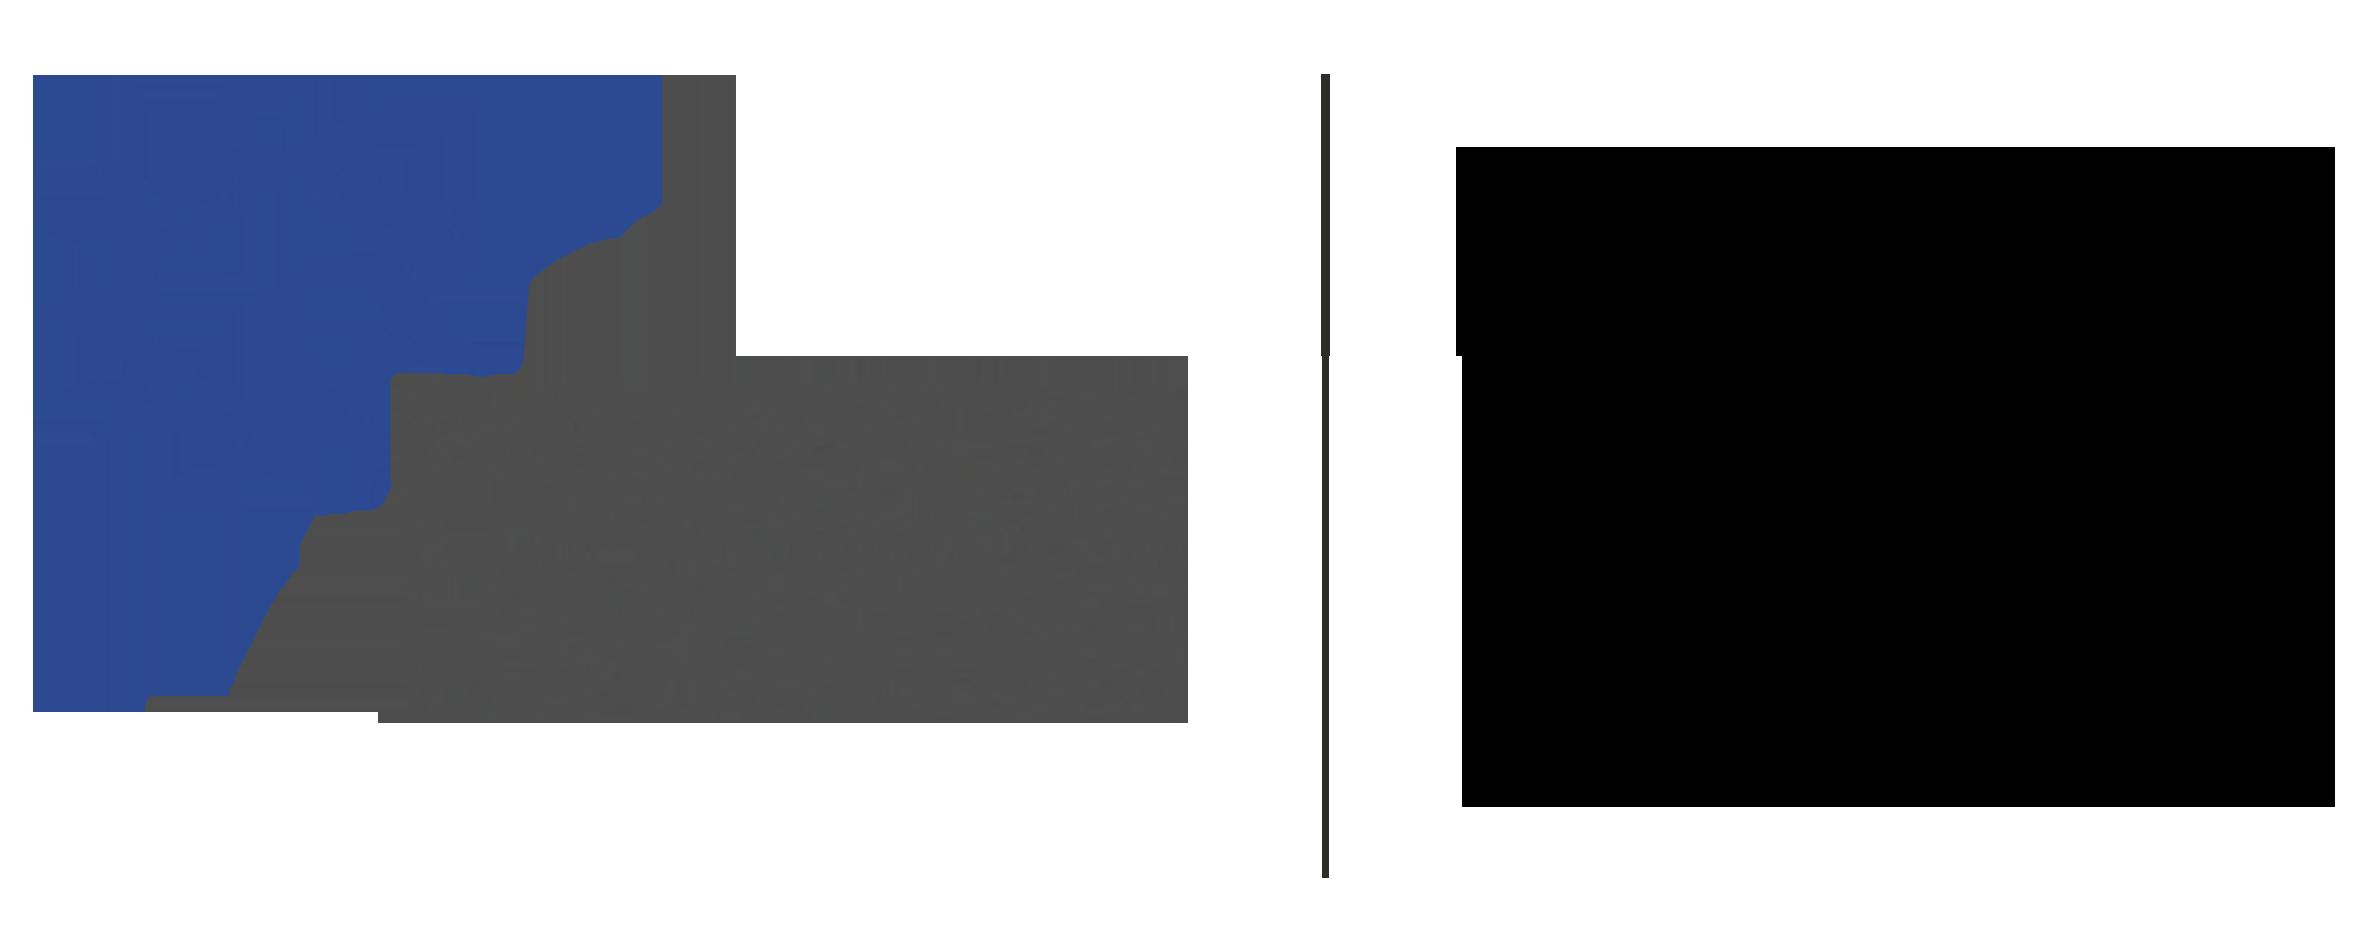 PointStar 5 Star Oracle NetSuite 2021